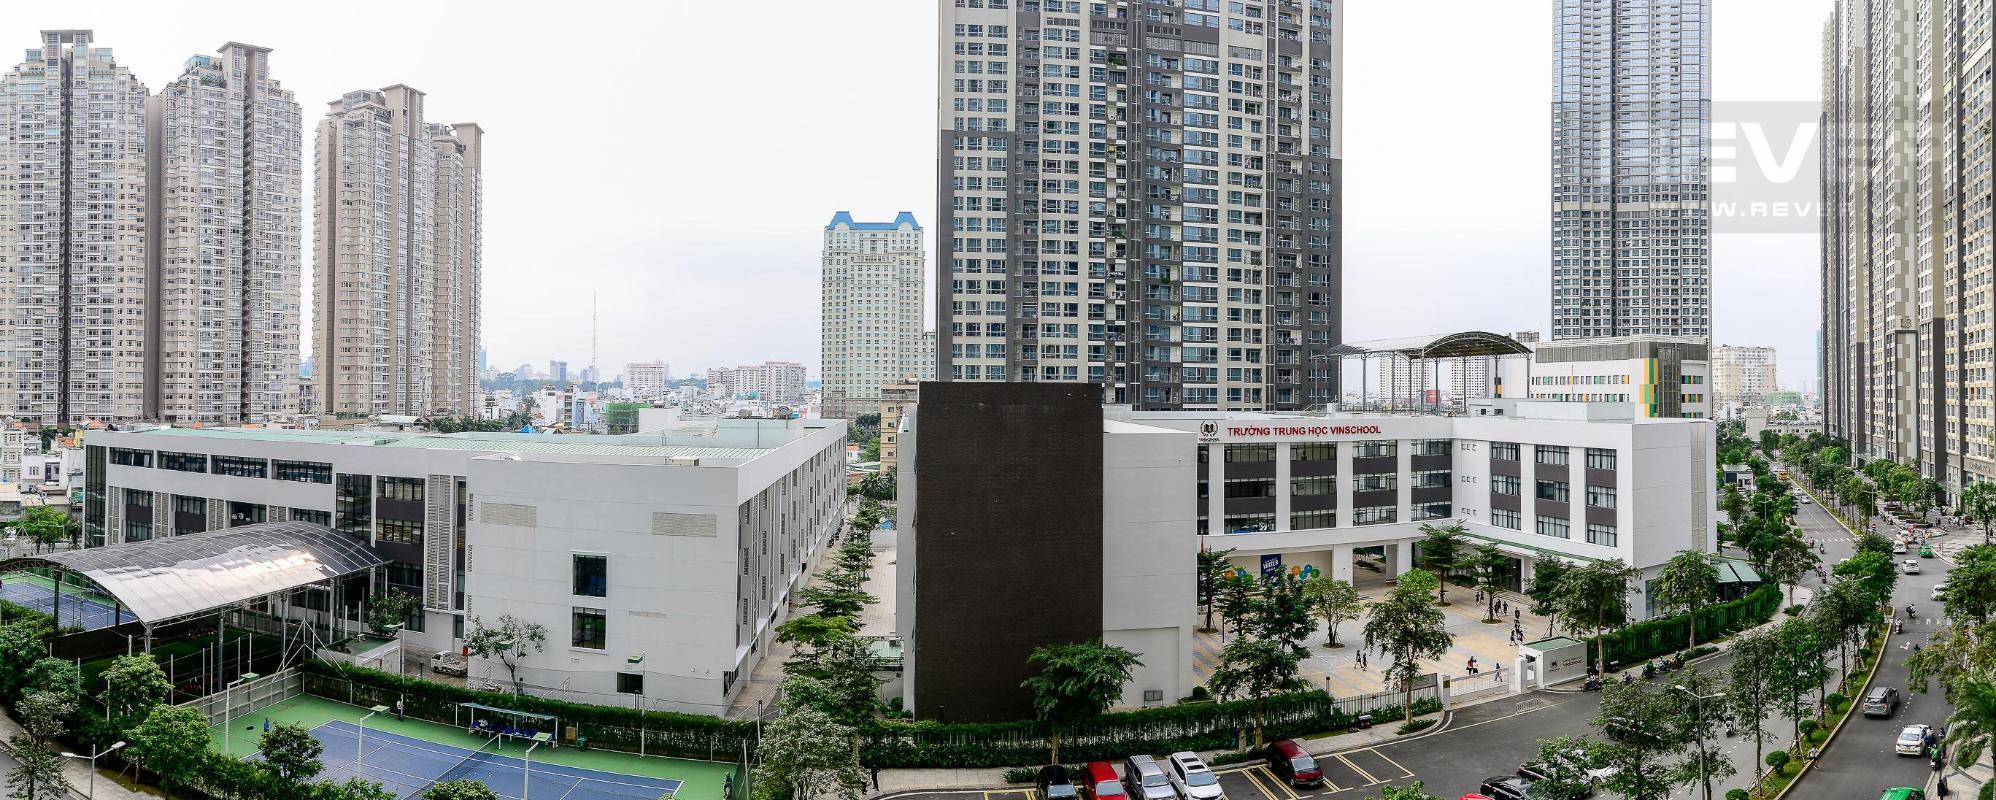 View Cho thuê căn hộ Vinhomes Central Park 2PN, tầng thấp, diện tích 75m2, đầy đủ nội thất, view nội khu